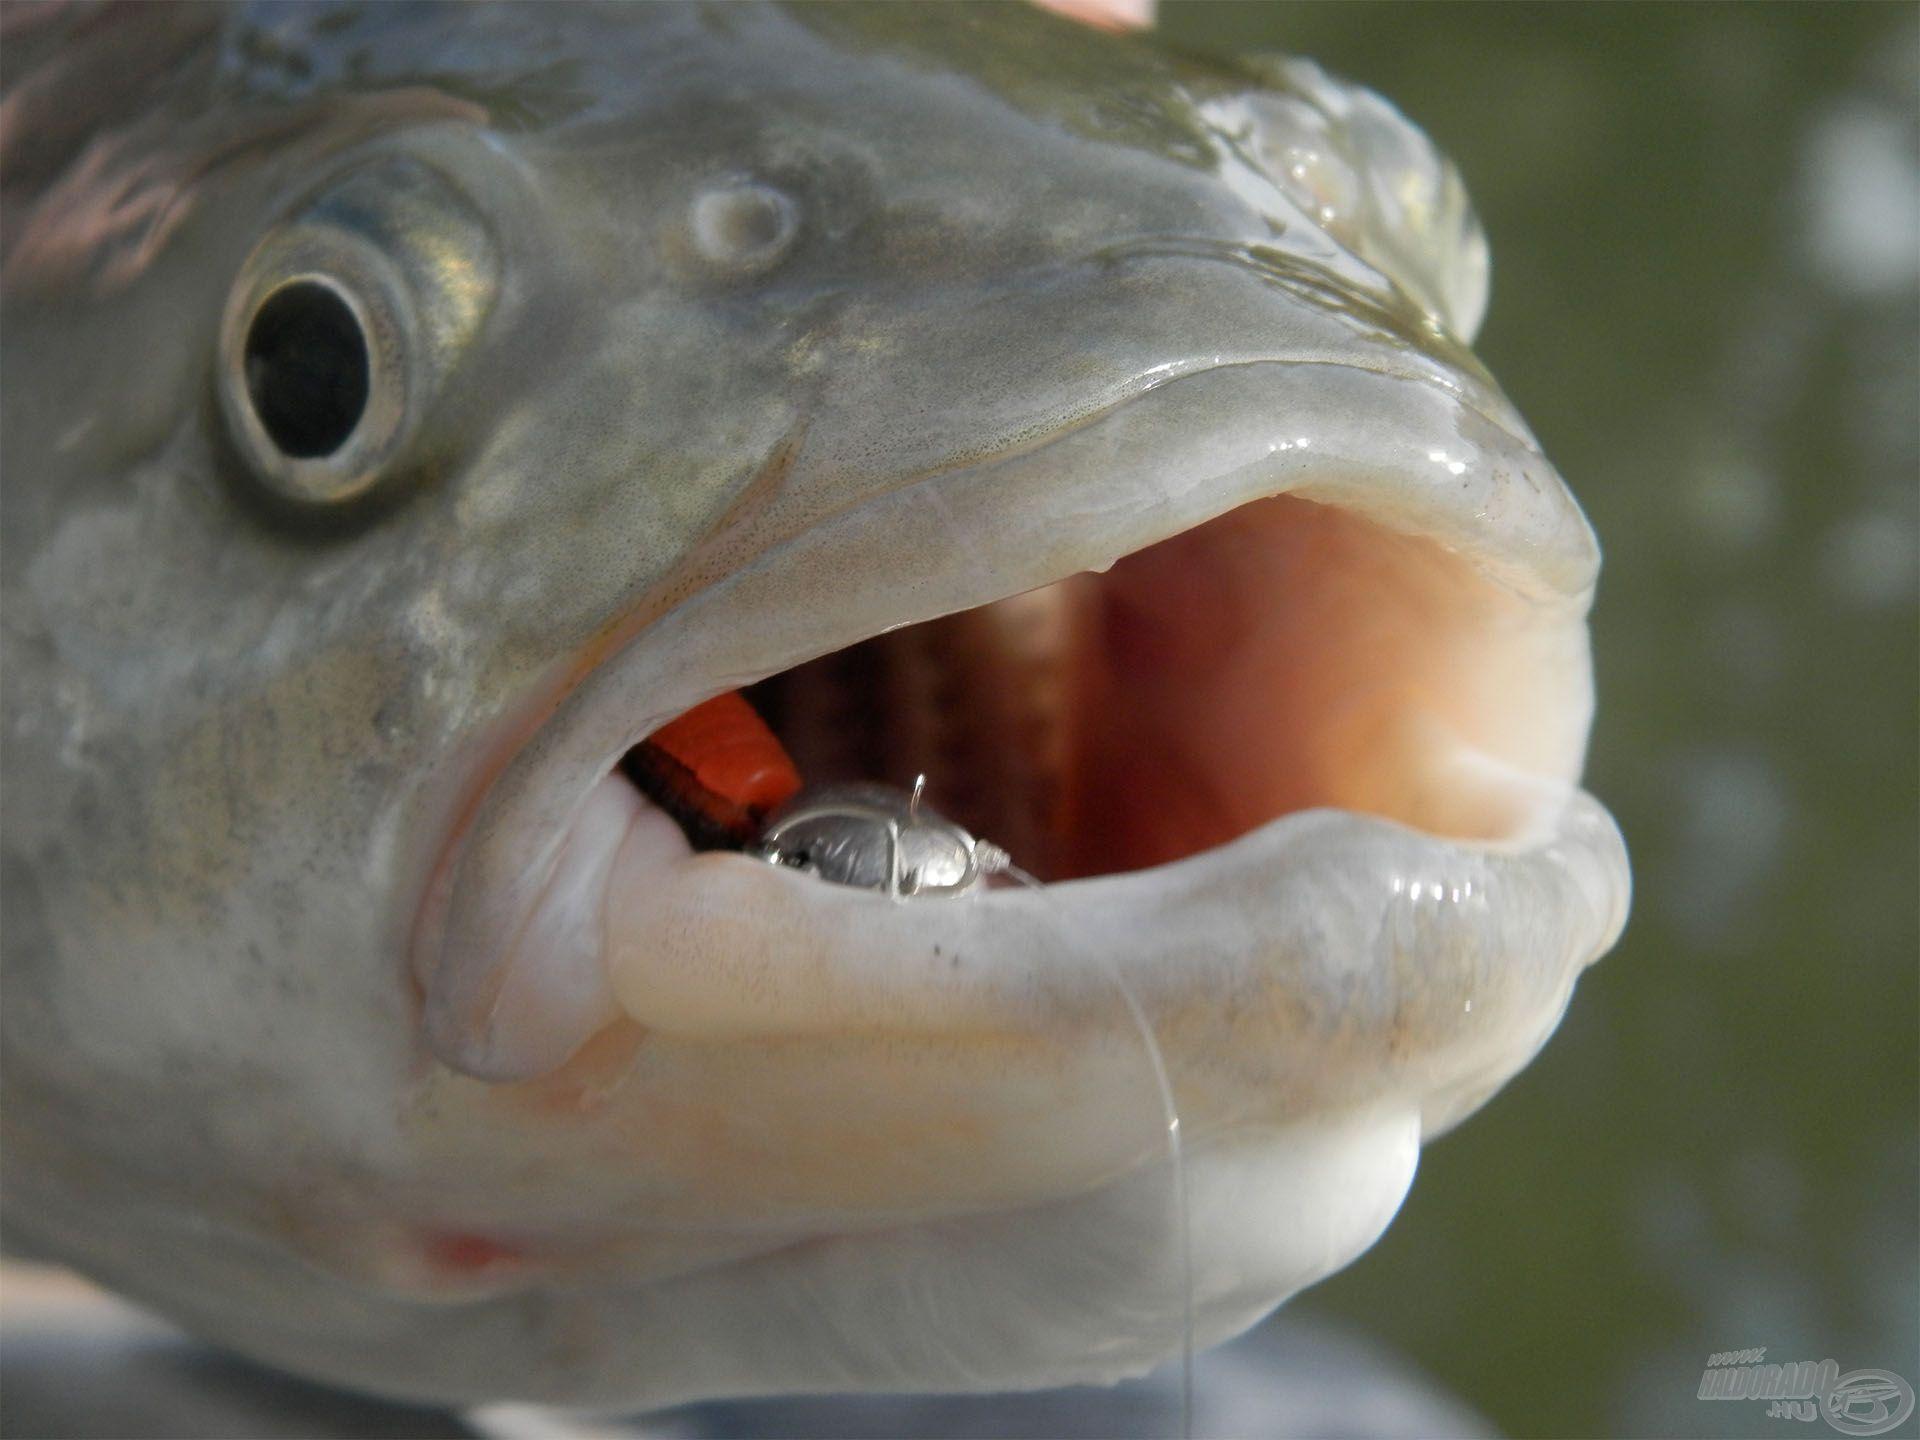 Pici plasztikokkal a legpasszívabb halak is megfoghatók